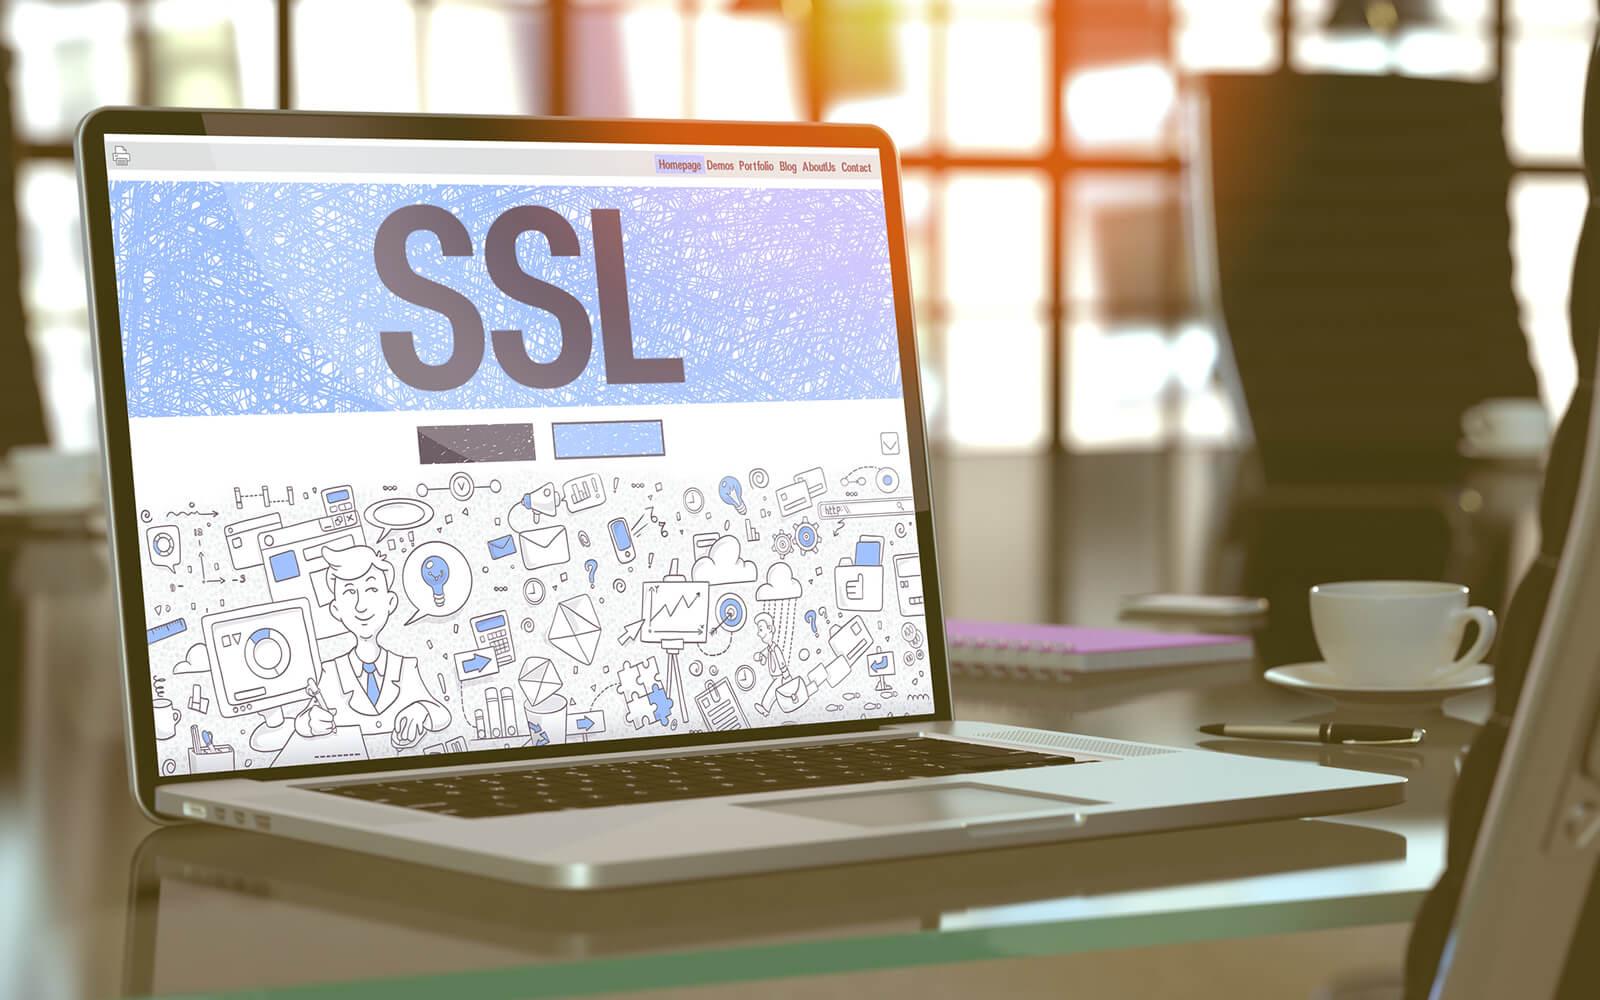 WEBサイトを常時SSL化。導入メリット・デメリット、注意点など